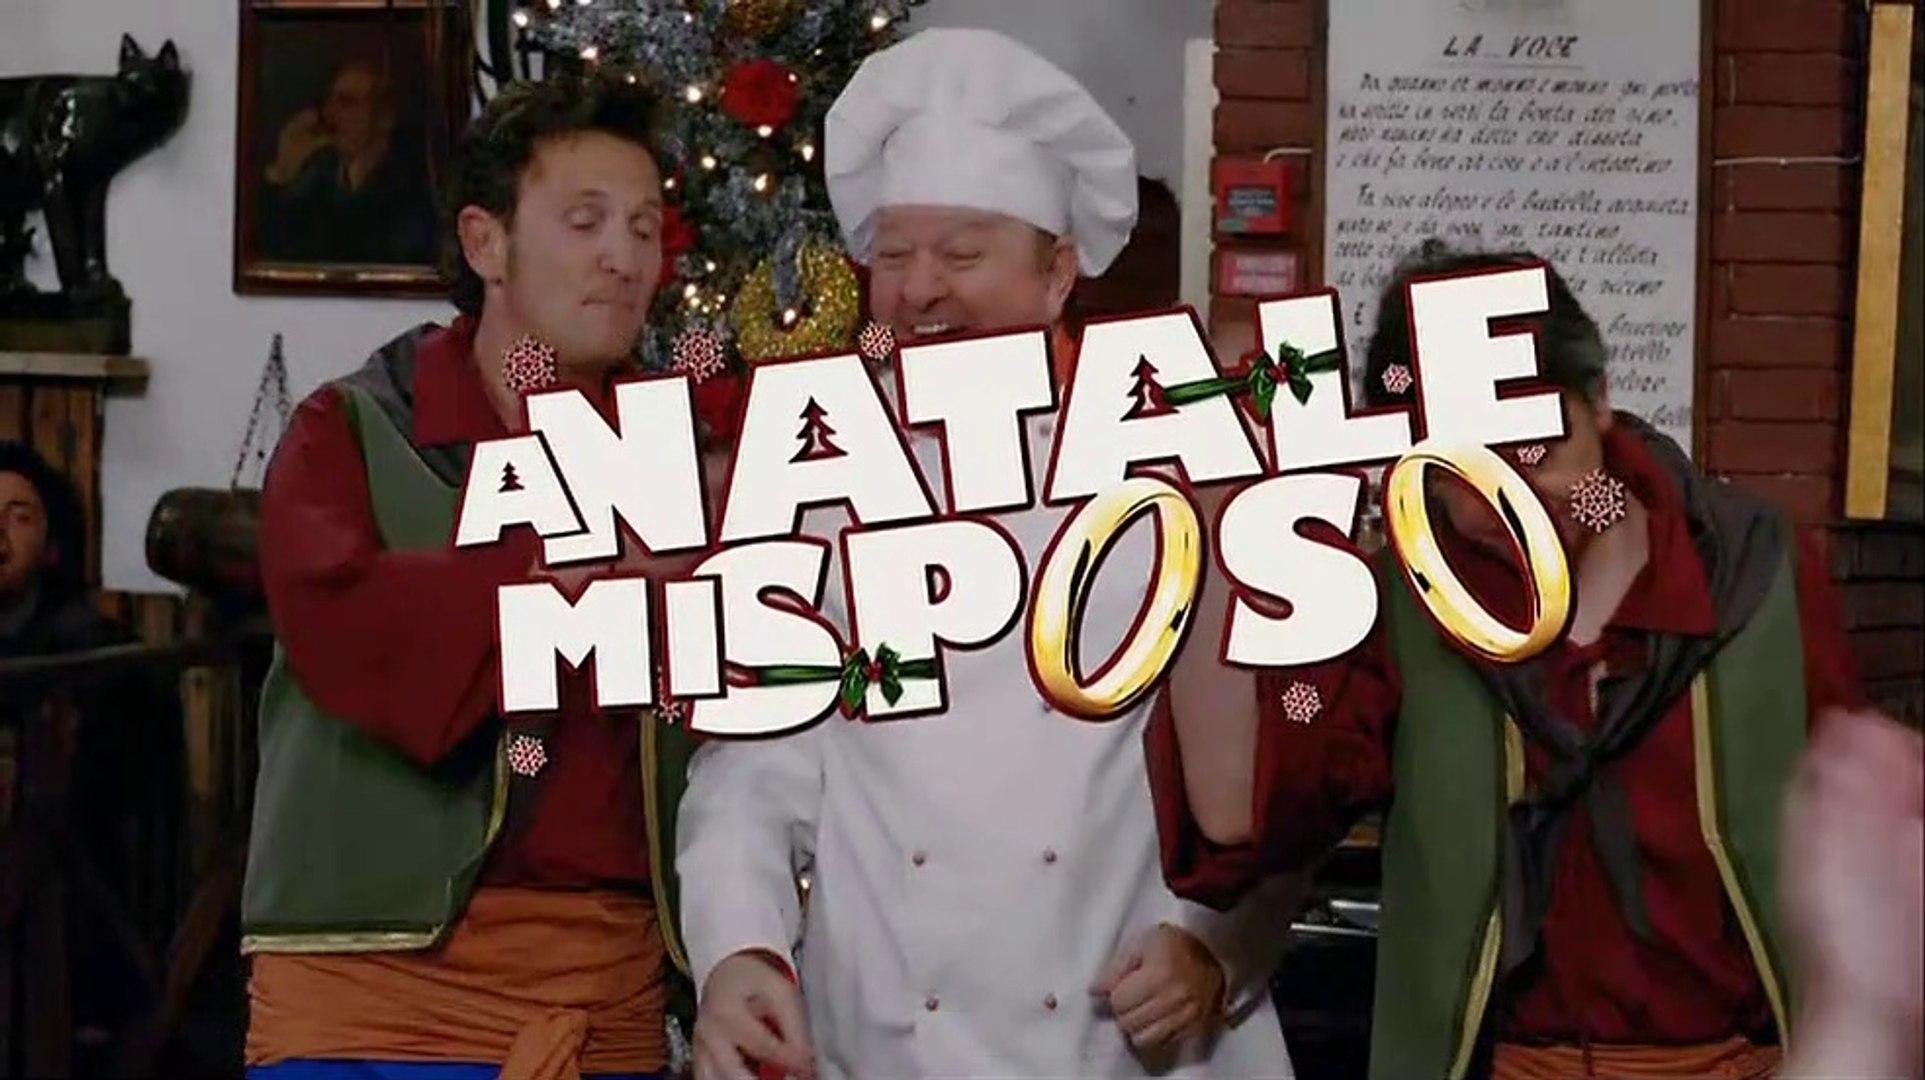 A Natale Mi Sposo Clip In Italiano Video Dailymotion